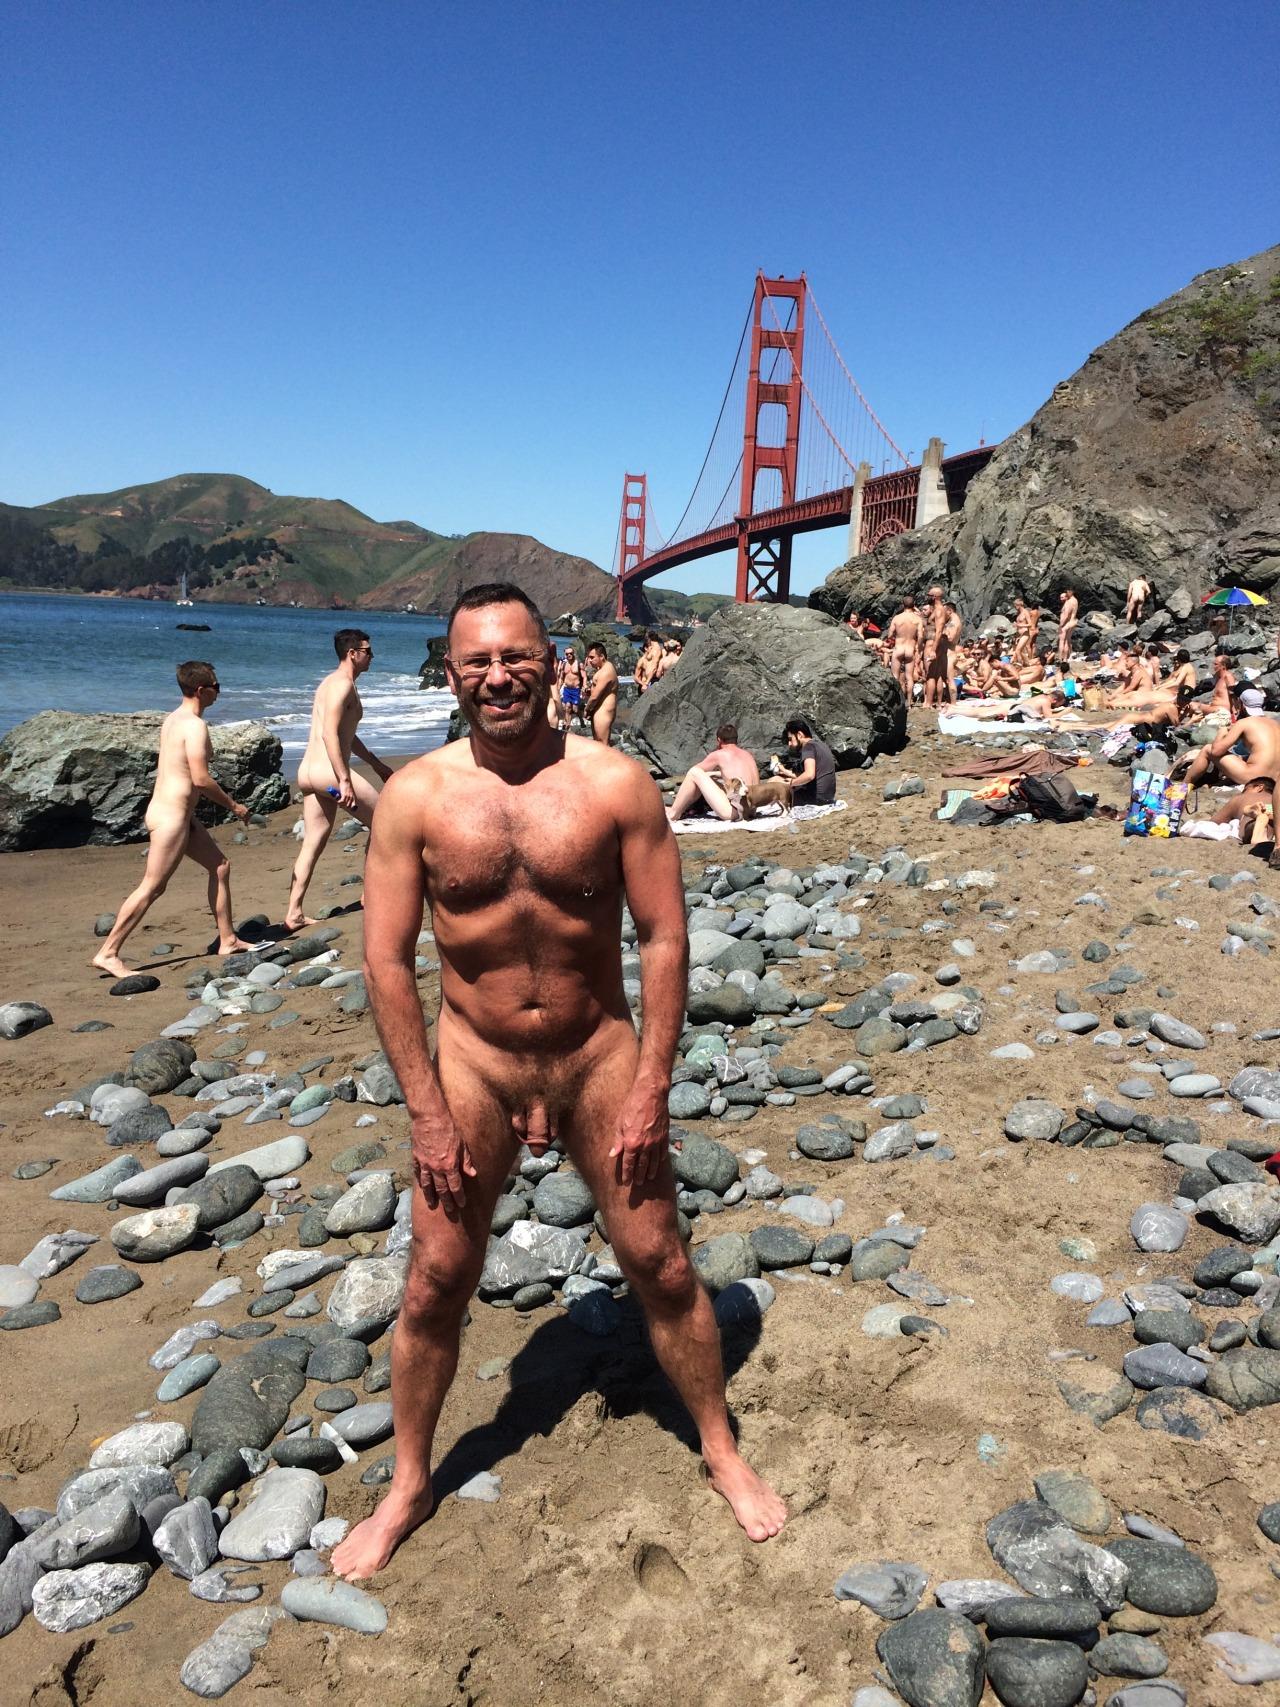 gay monza uomo nudo gay